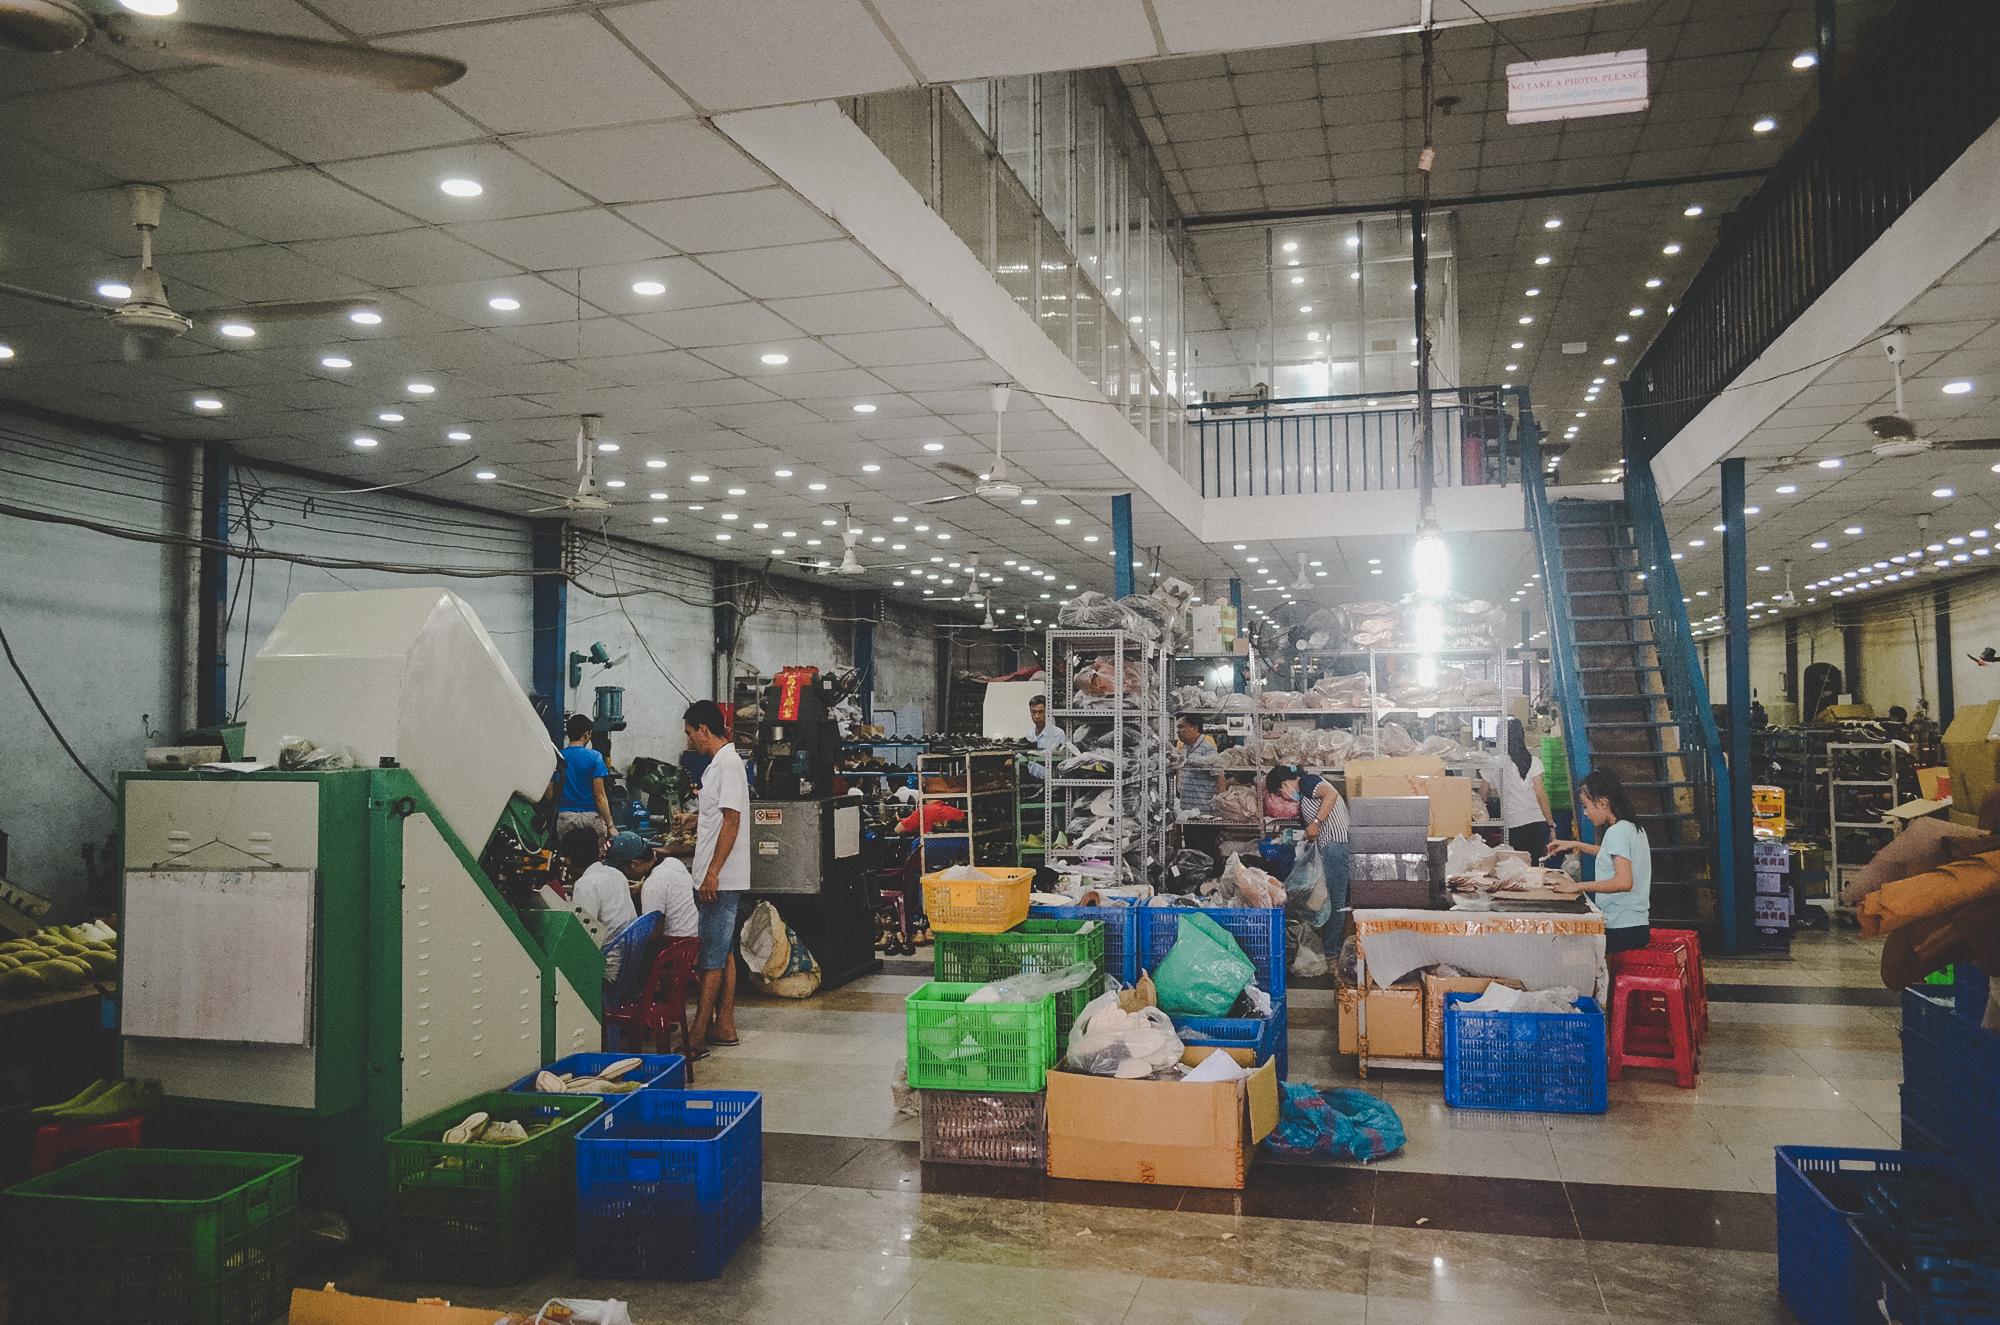 Nơi robot không thay thế được con người: 150 nhân công, 300 đôi giày thủ công cao cấp mỗi ngày và ước mơ khởi nghiệp của doanh nhân Miền Tây sinh năm 1976 - Ảnh 1.